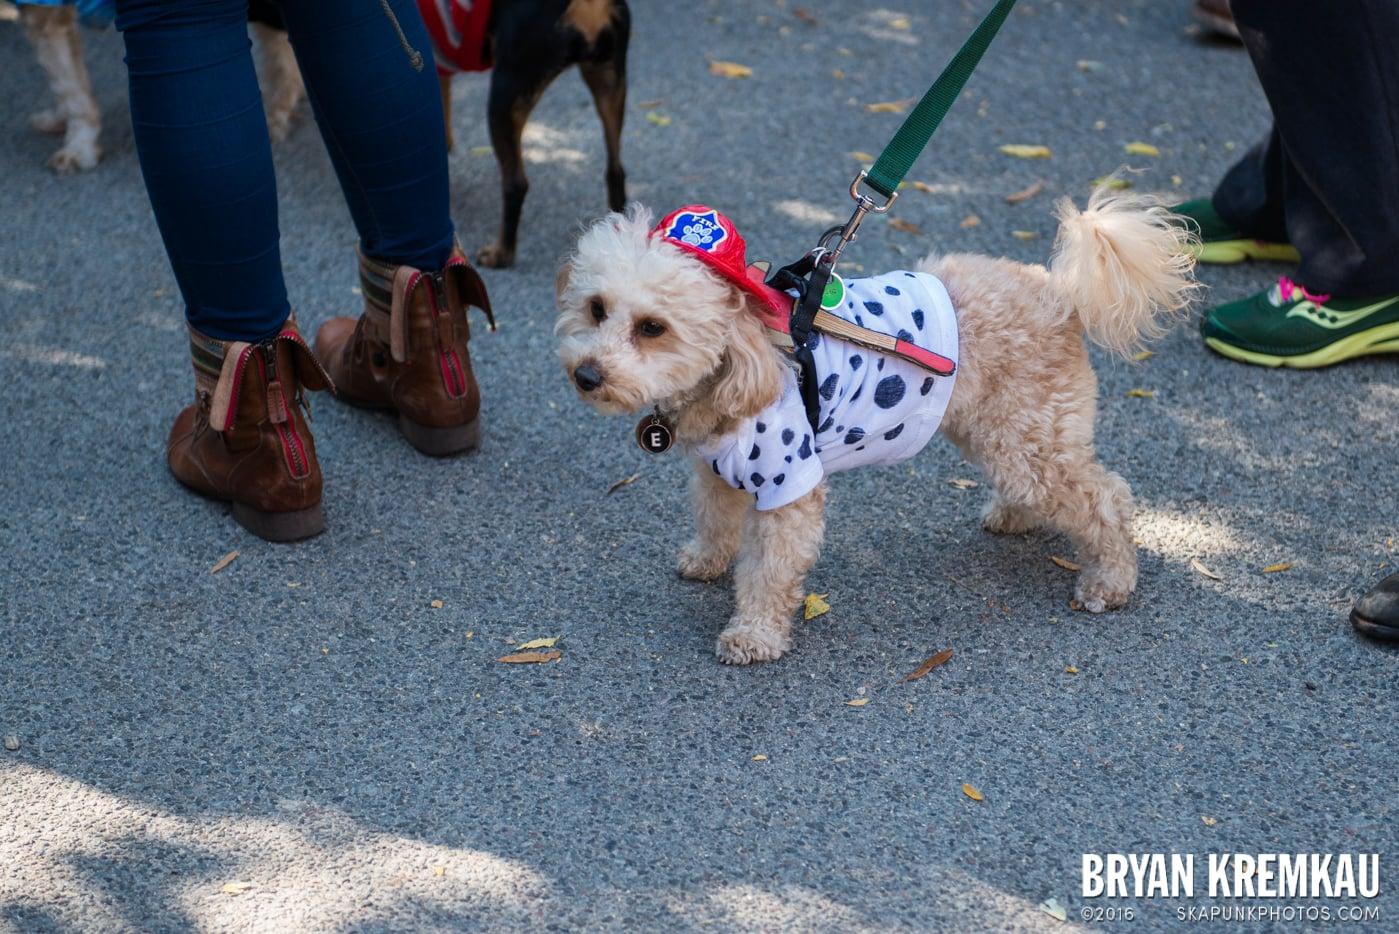 Tompkins Square Halloween Dog Parade 2013 @ Tompkins Square Park, NYC - 10.26.13 (56)